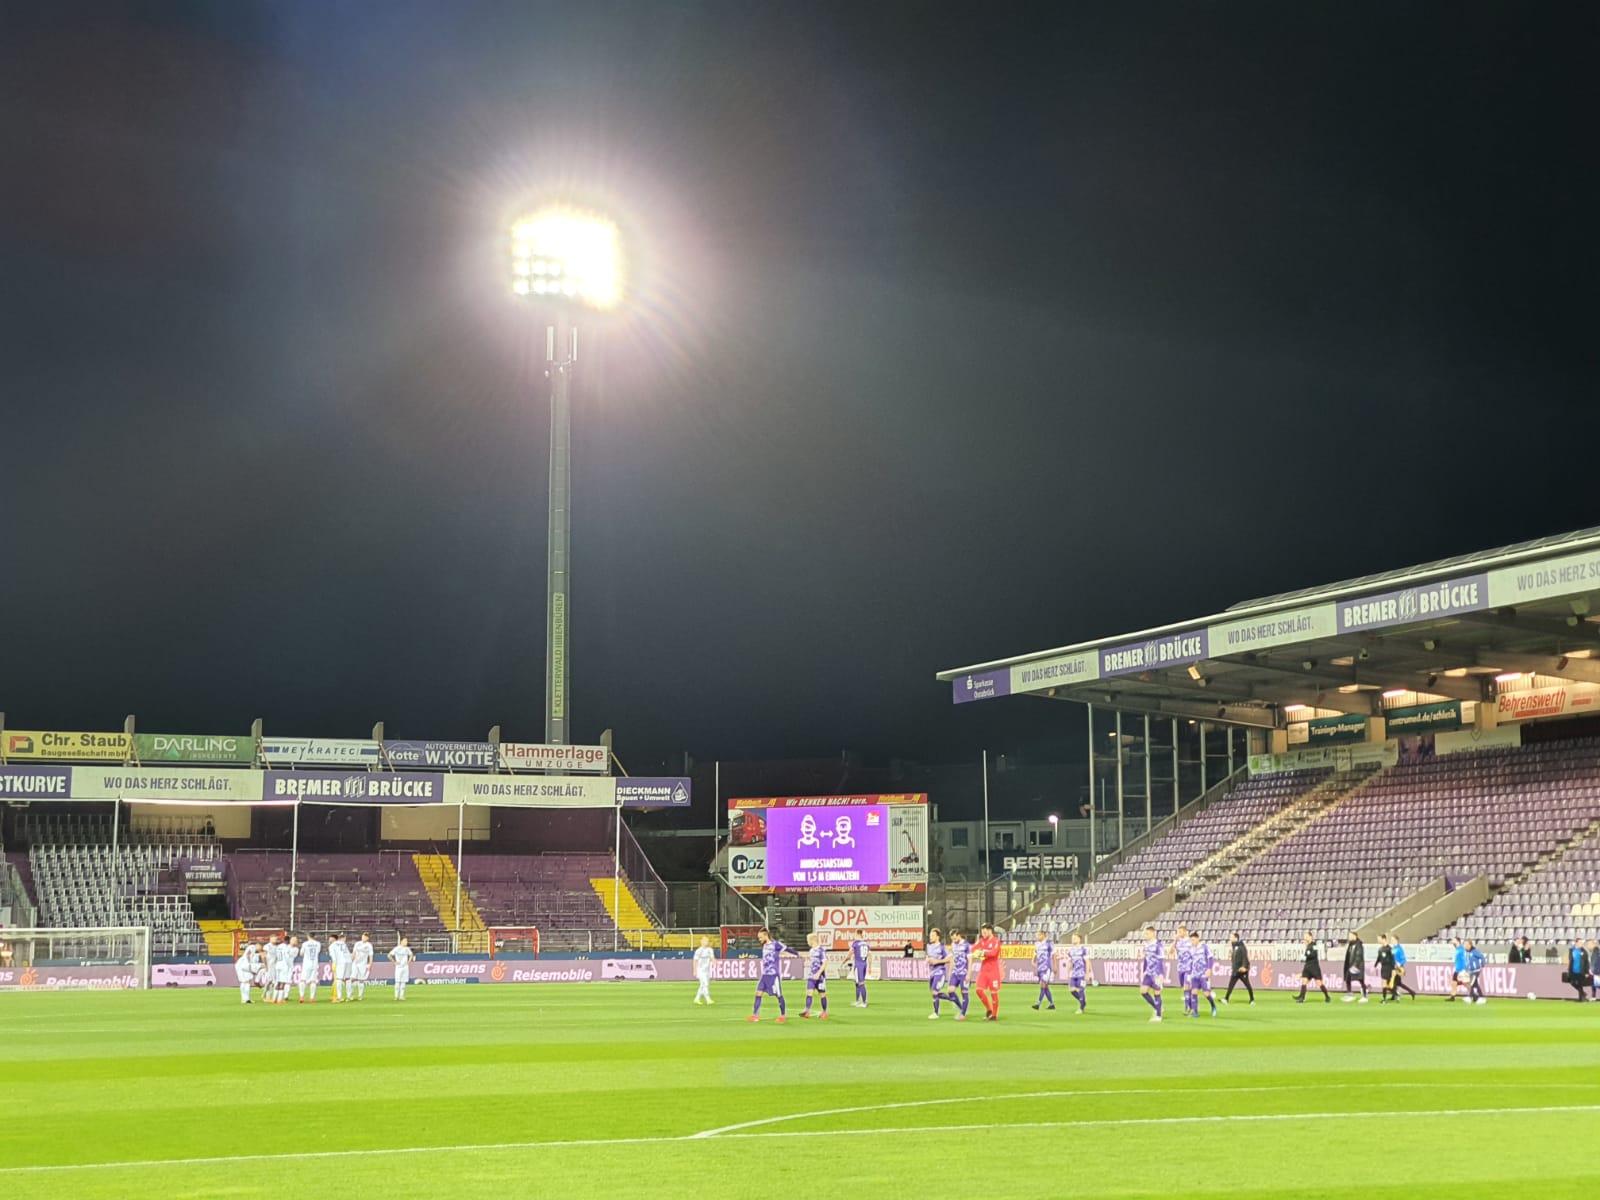 VfL Osnabrück – SV Darmstadt 98 1:1 (0:1)